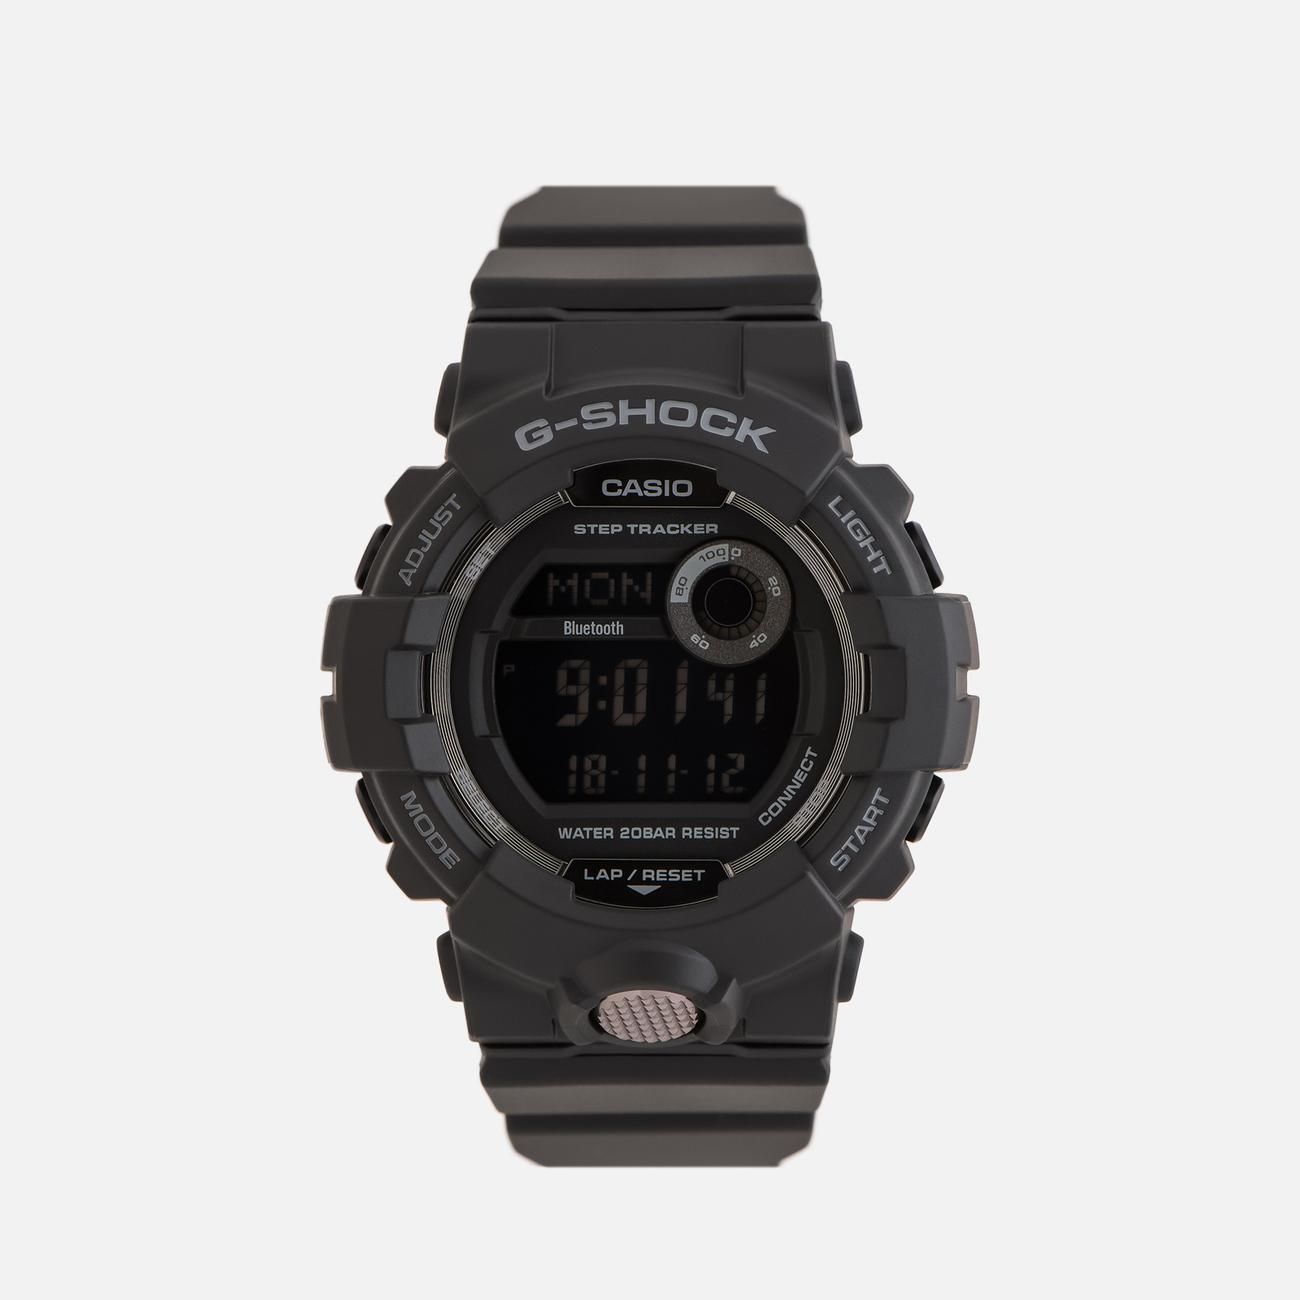 Наручные часы CASIO G-SHOCK GBD-800-1BER Black